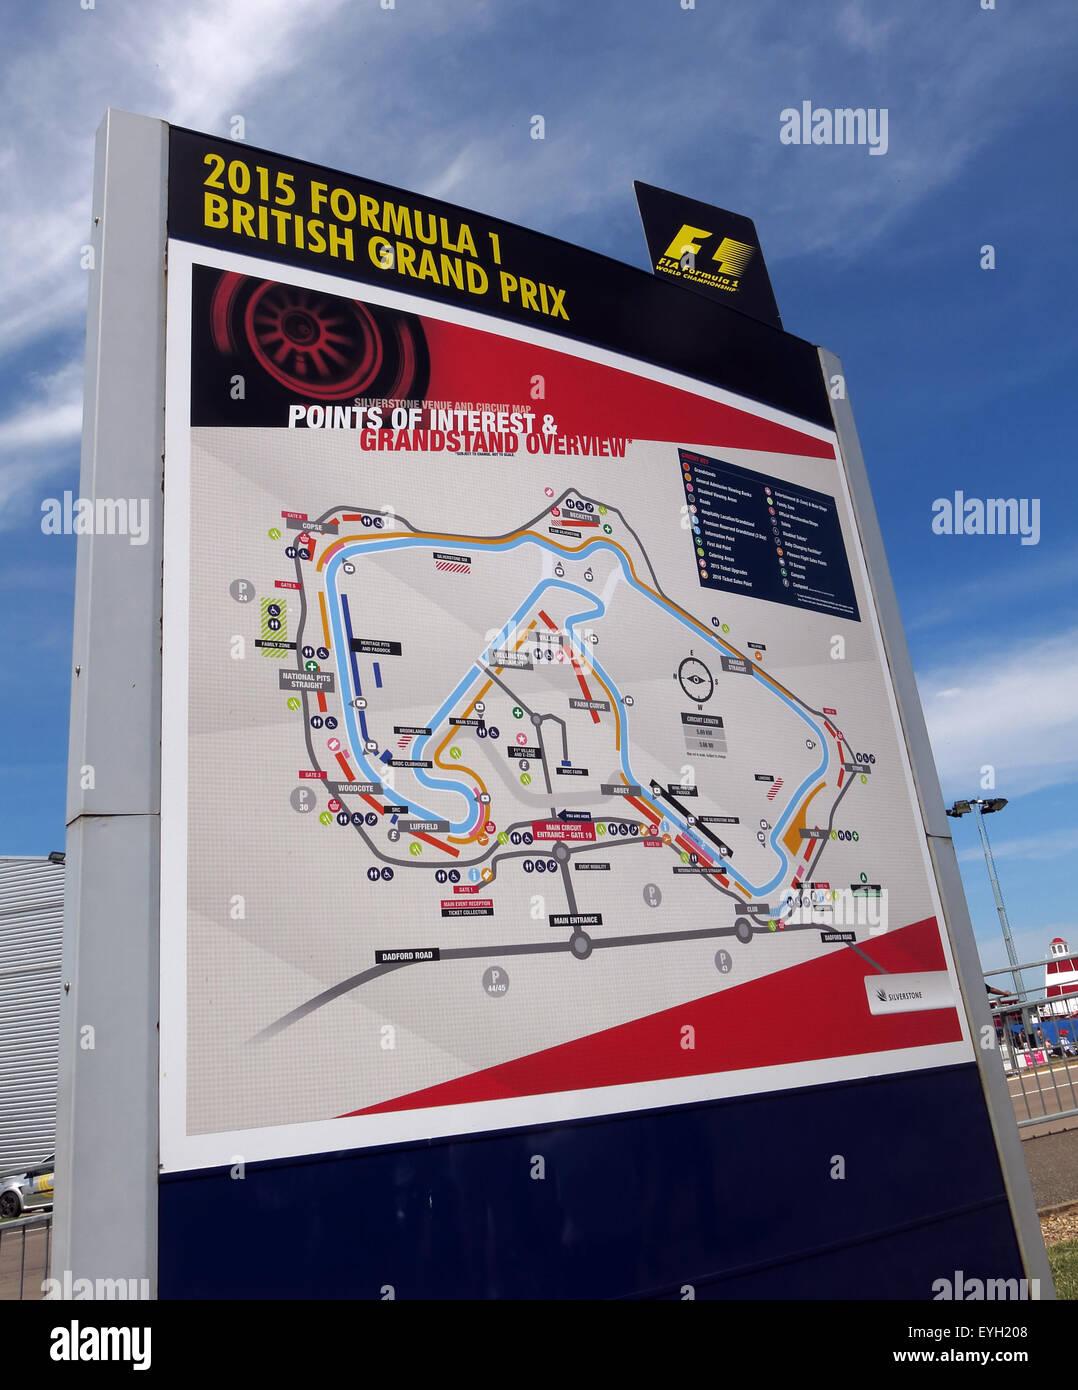 Laden Sie dieses Alamy Stockfoto Silverstone F1 britischen Grand Prix Karte der Schaltung, GP England - EYH208